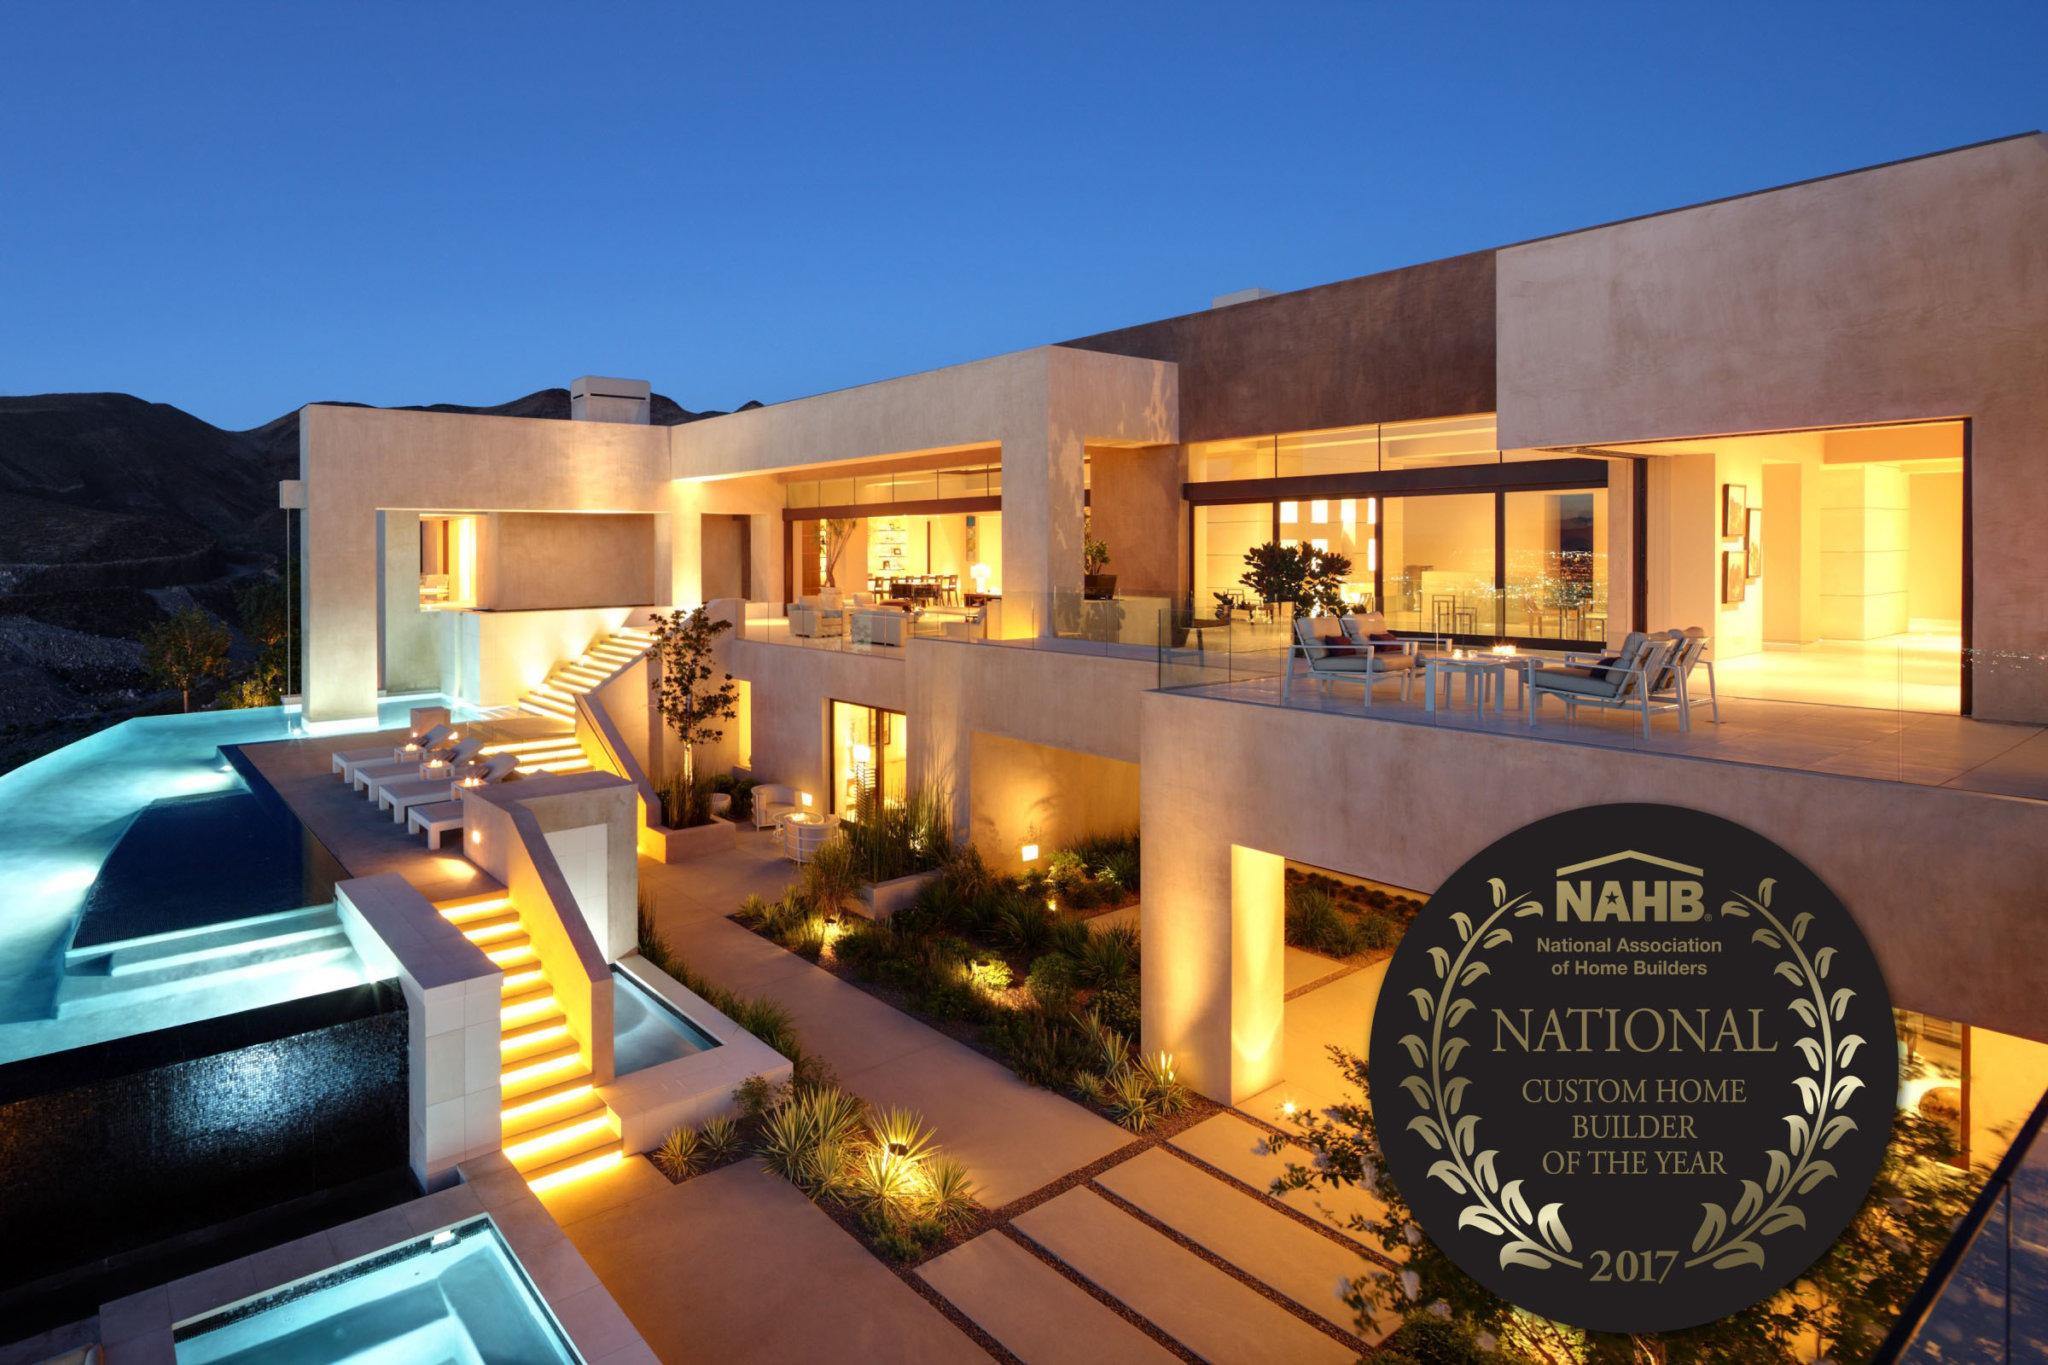 2017 National Custom Home Builder Award